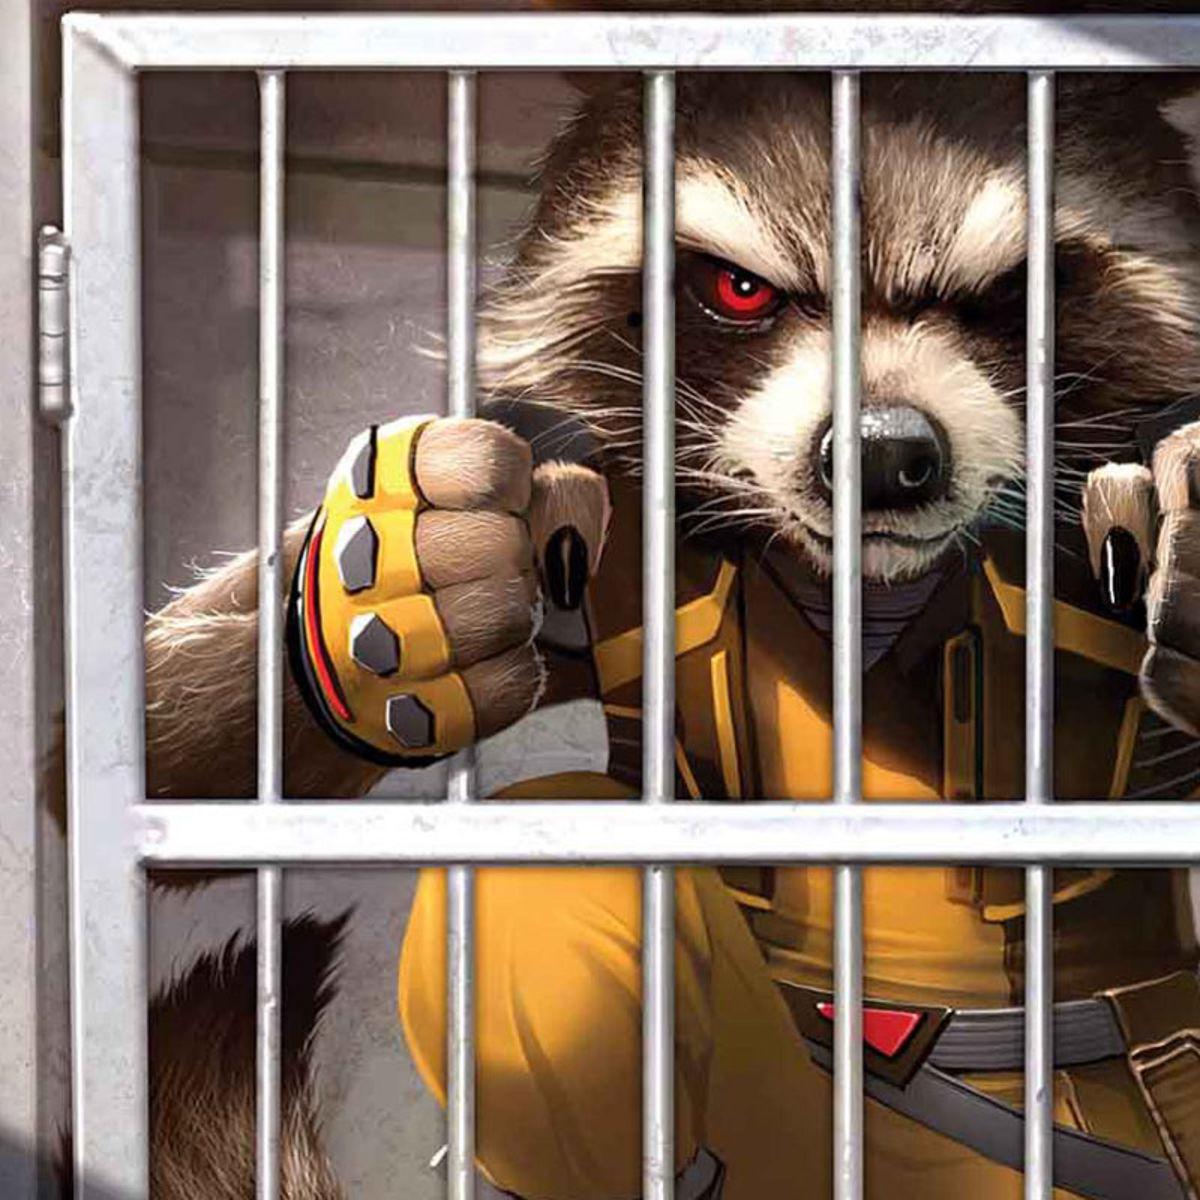 rocket-raccoon-nakayama-marvel-now-header.jpg